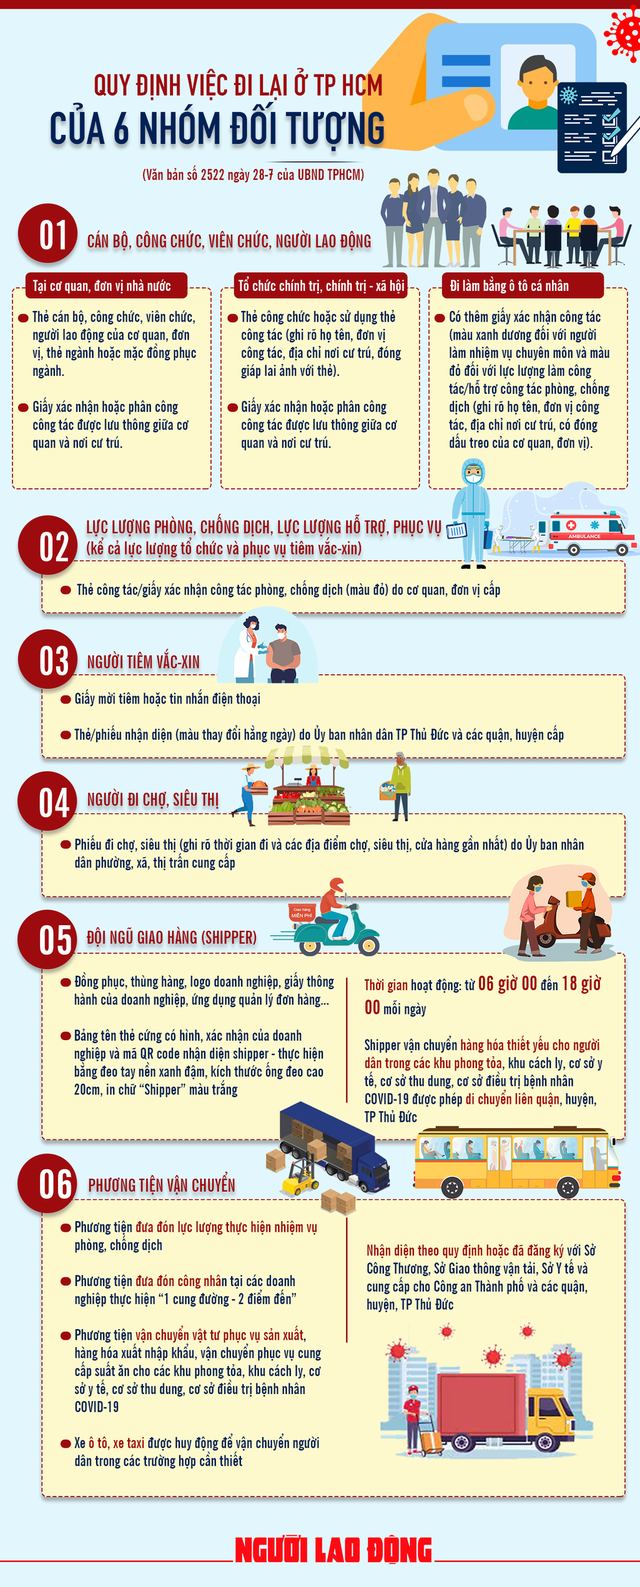 [Infographic] Quy định mới nhất việc đi lại ở TP HCM trong thời gian giãn cách  - Ảnh 1.